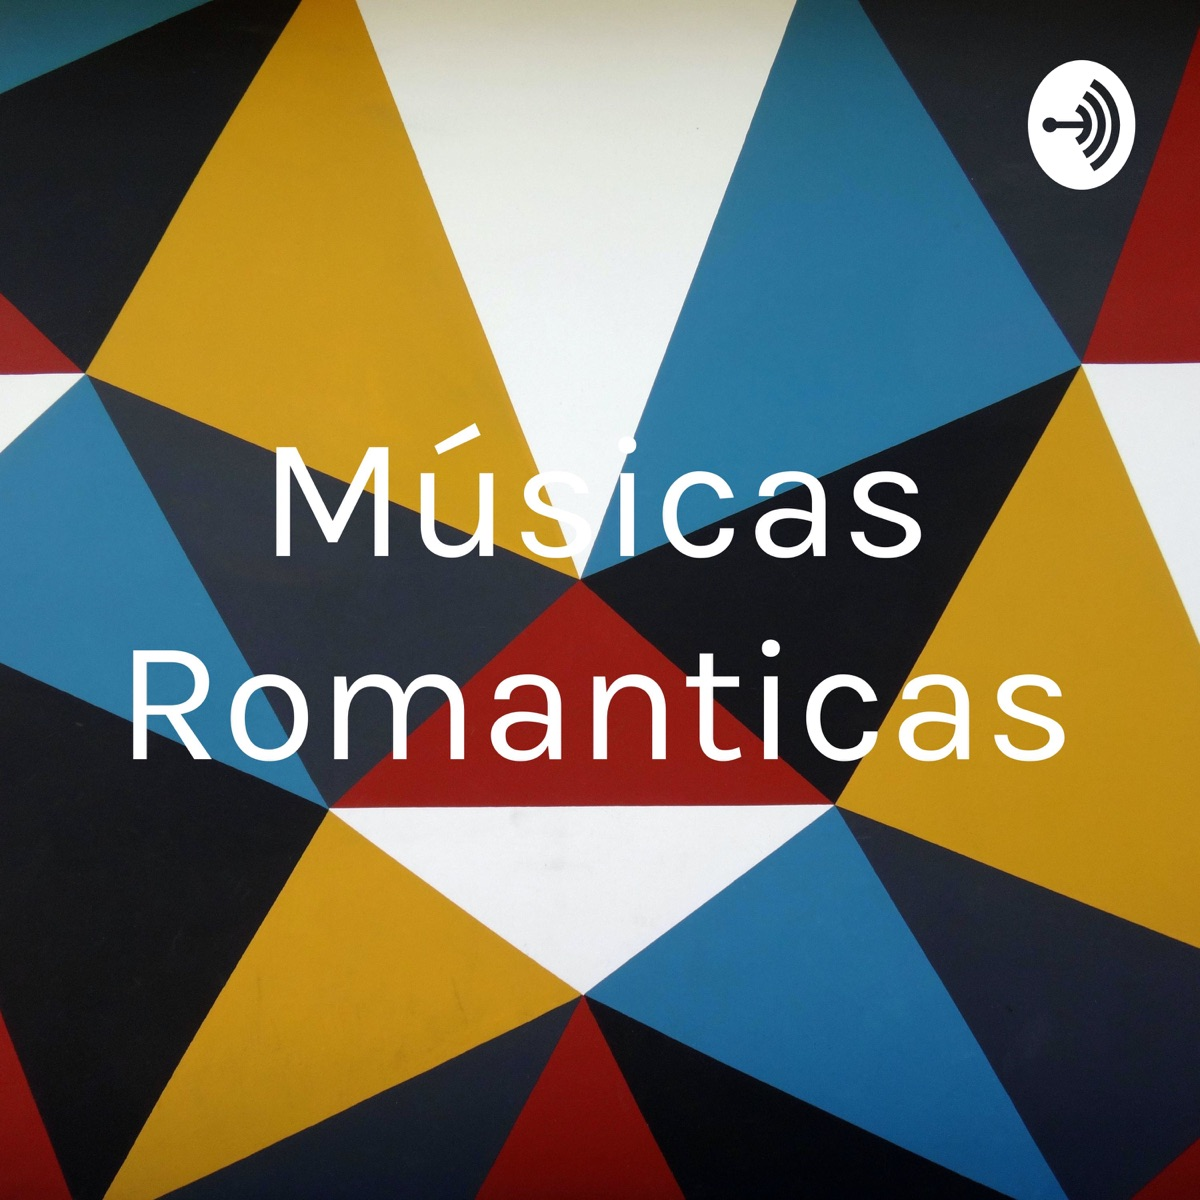 Músicas Romanticas